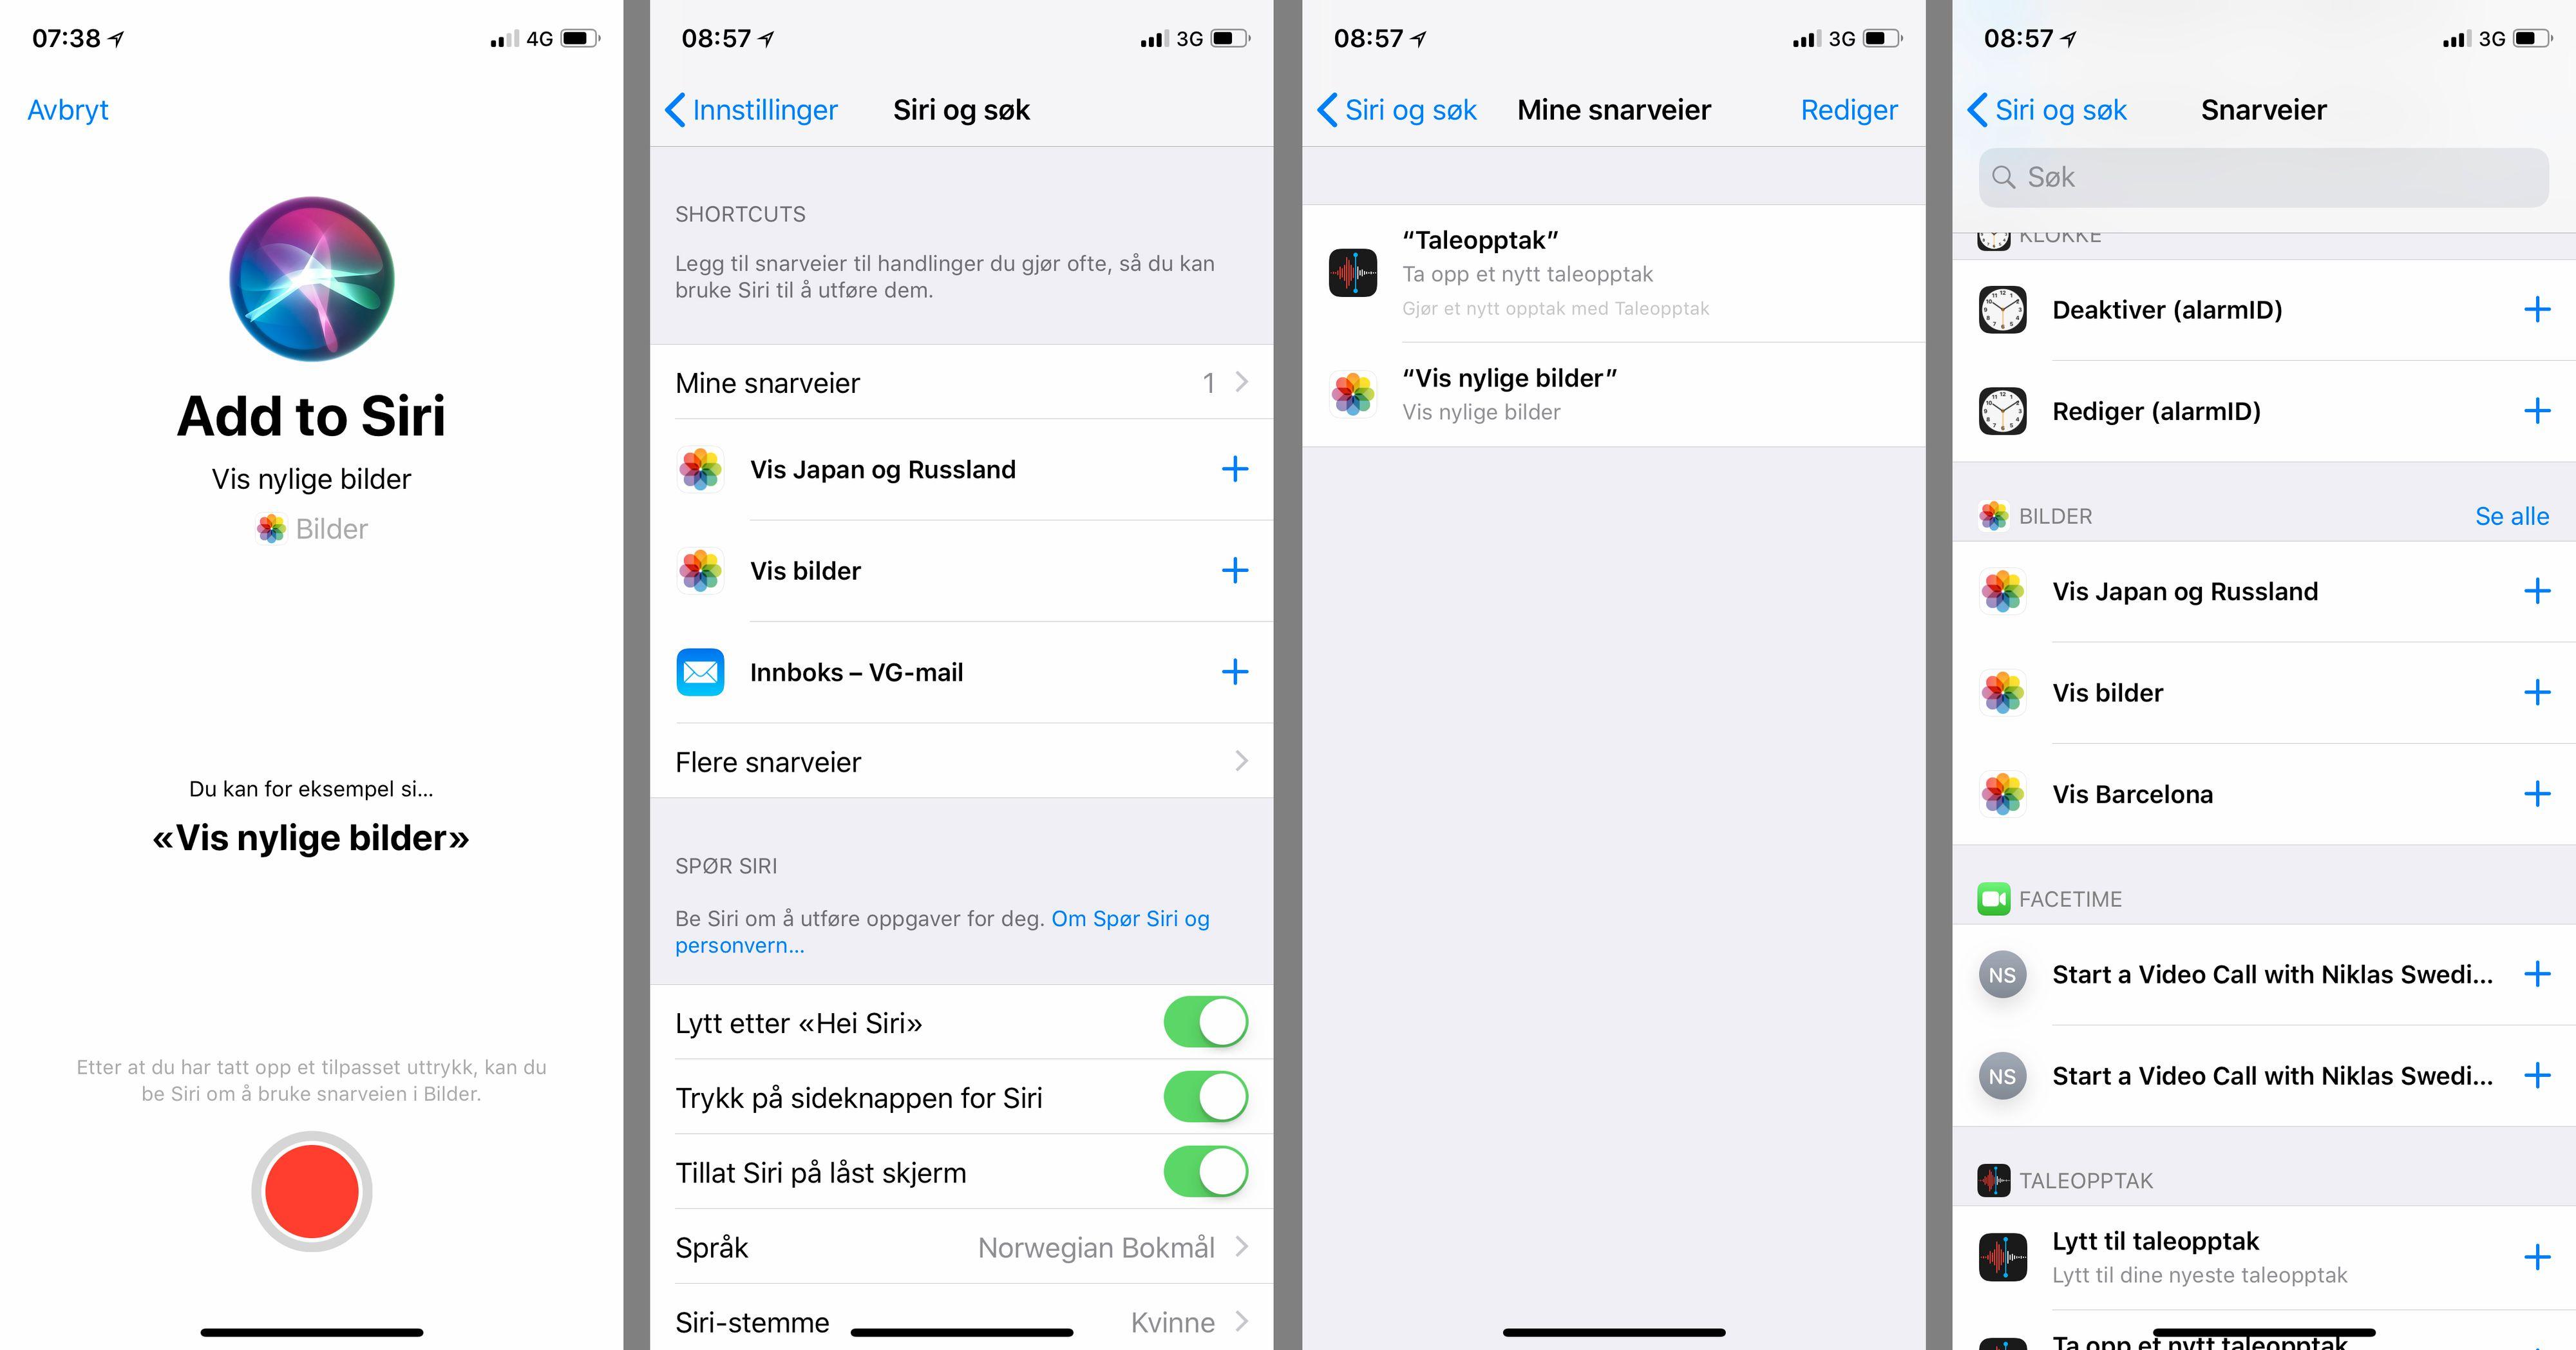 Siri kan nå utføre en mengde faste handlinger du setter opp selv. Funksjonene foreslås automatisk etter hvert som du bruker telefonen. Så fort apper med støtte for løsningen kommer skal du kunne sette opp mer detaljerte kjeder av handlinger enn disse enkle eksemplene.